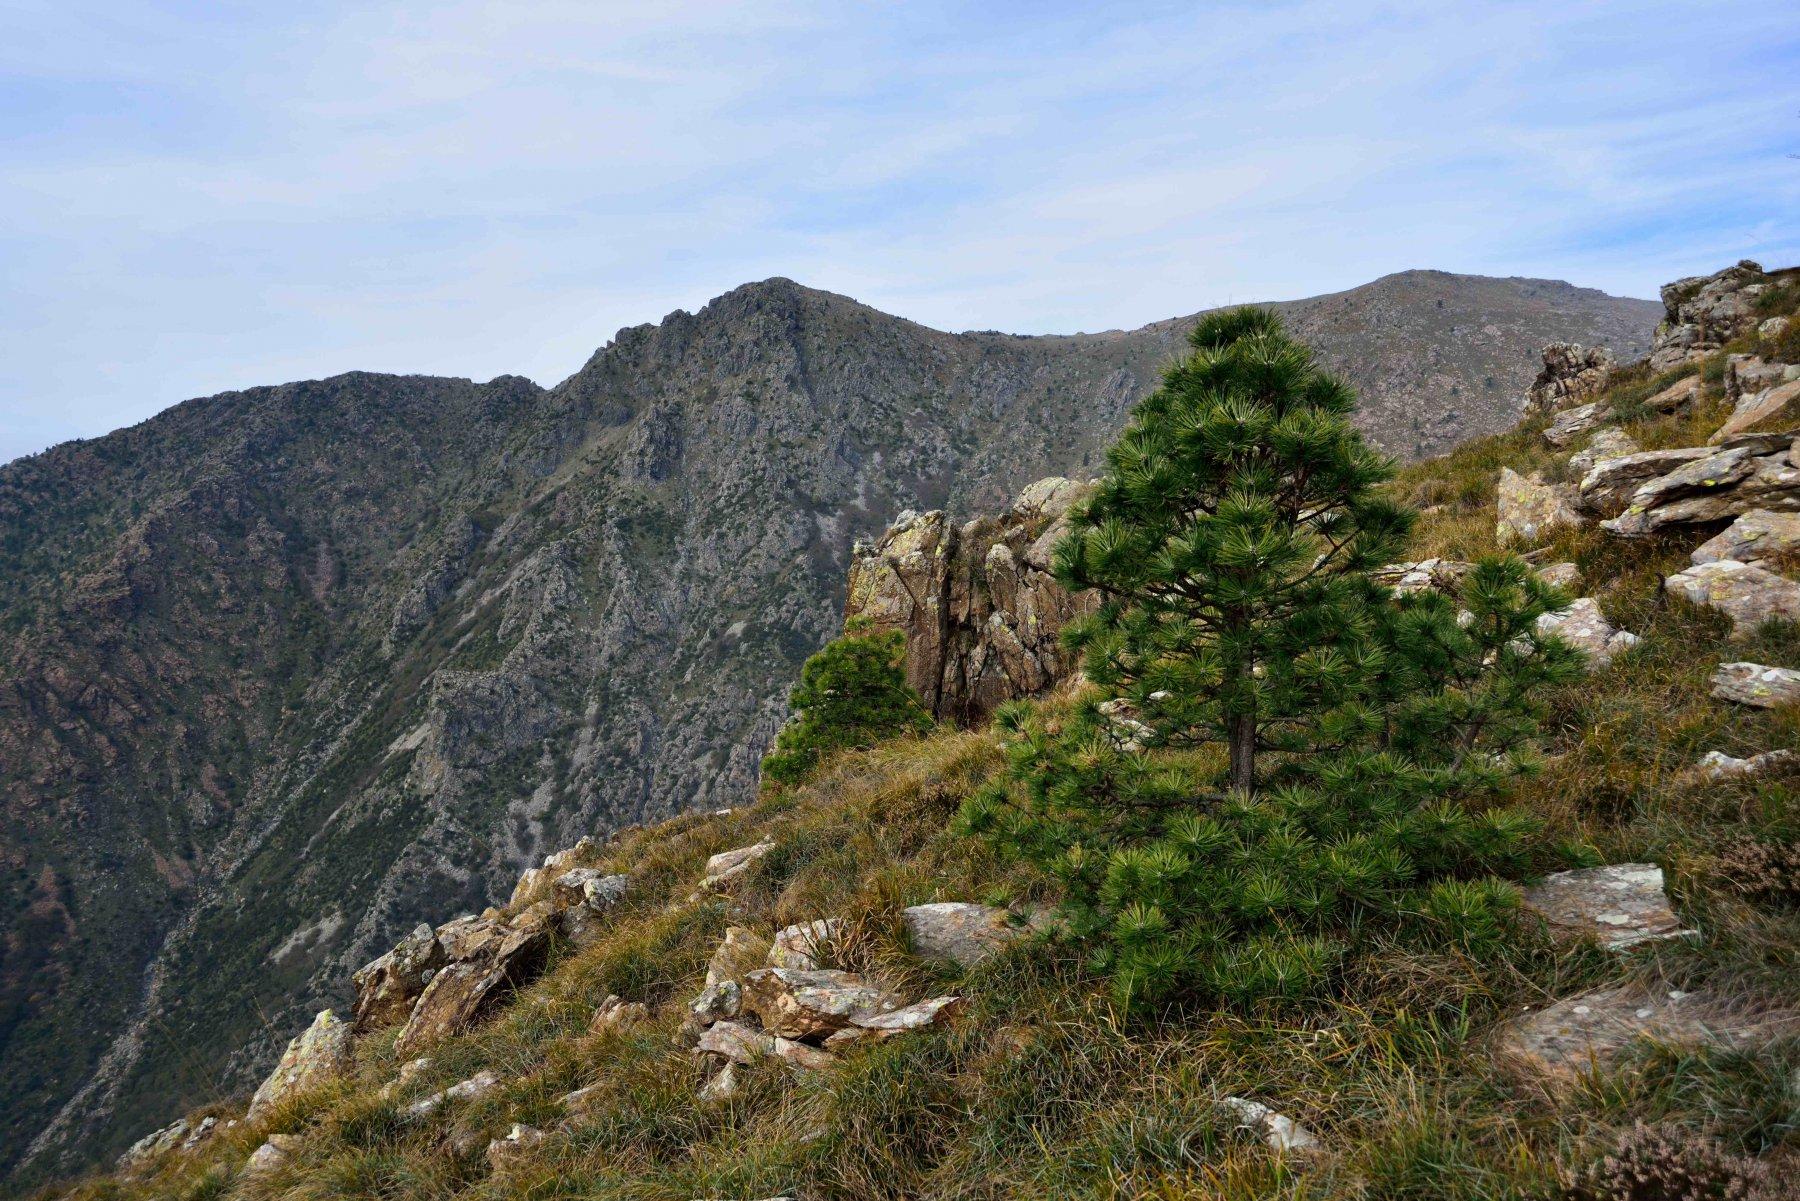 La Punta Martin e la cresta di salita visti dal sentiero di discesa verso la Baiarda.